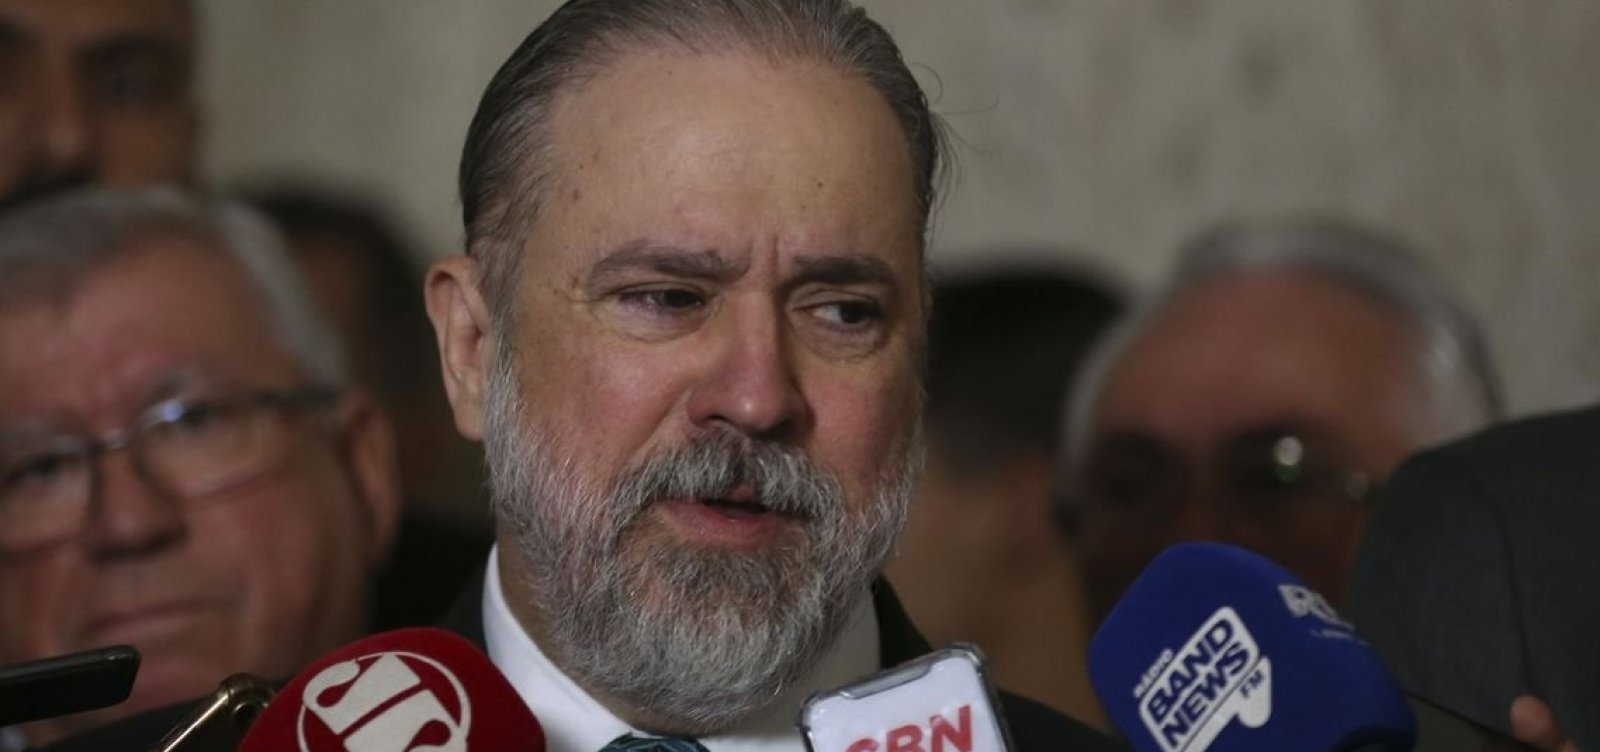 [Aras diz que 'não há nada' vinculando Bolsonaro ao assassinato de Marielle]